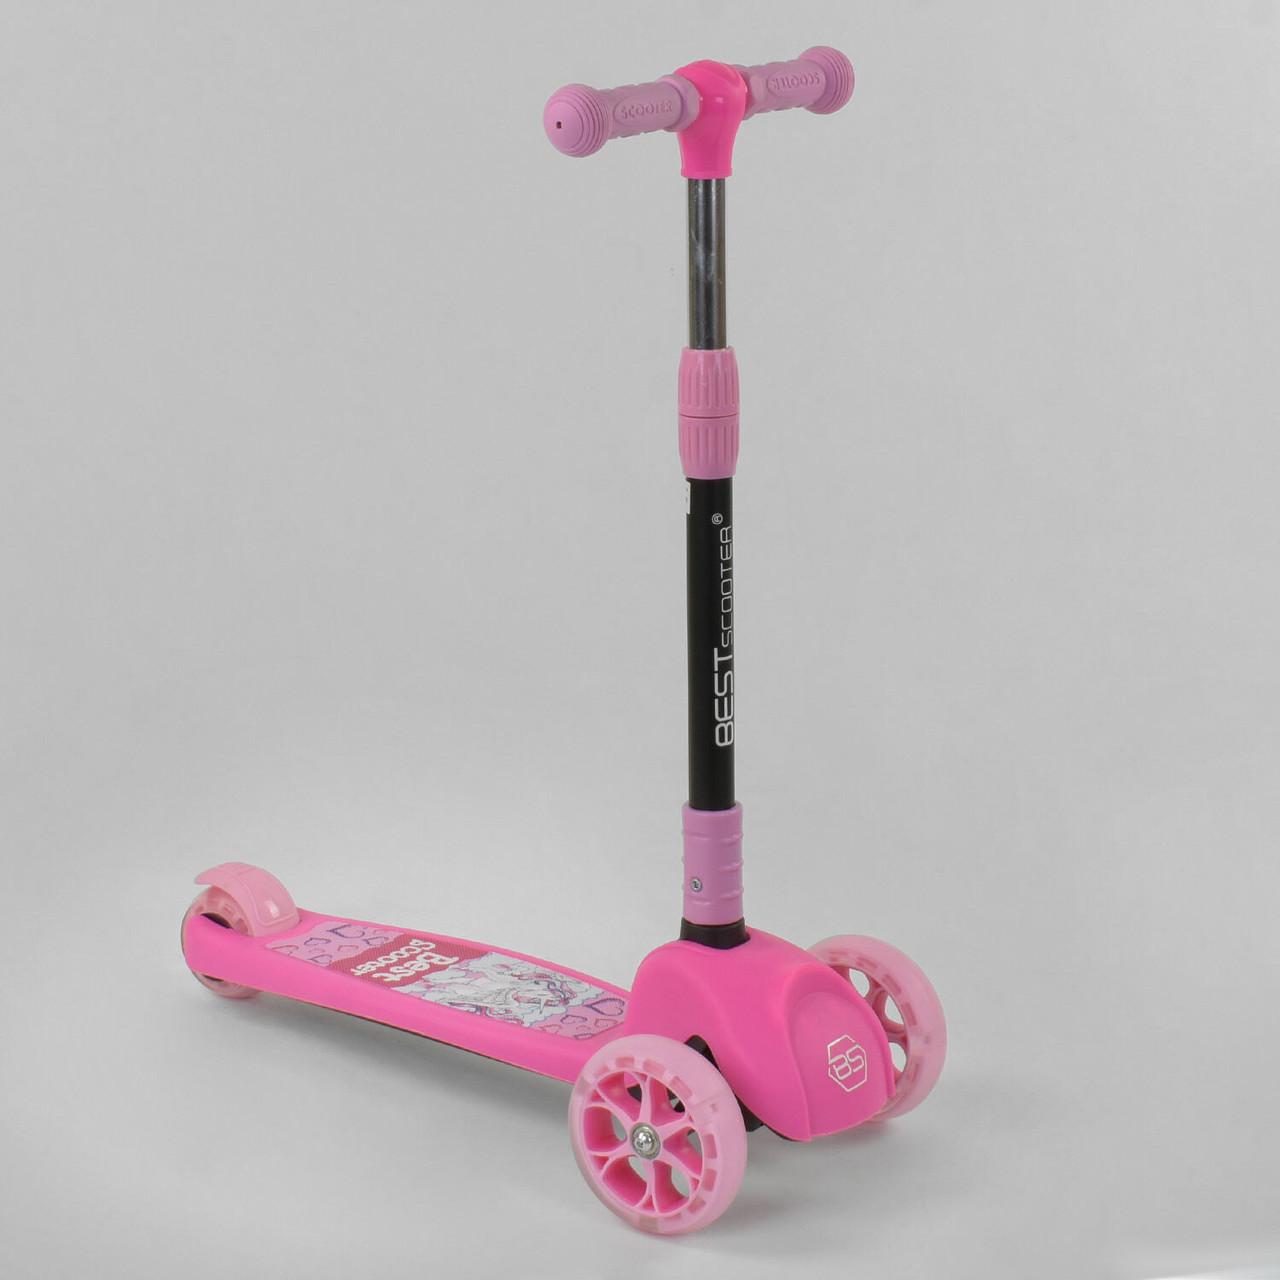 Самокат BEST SCOOTER 47787 розовый (MAXI, складной, колеса свет)